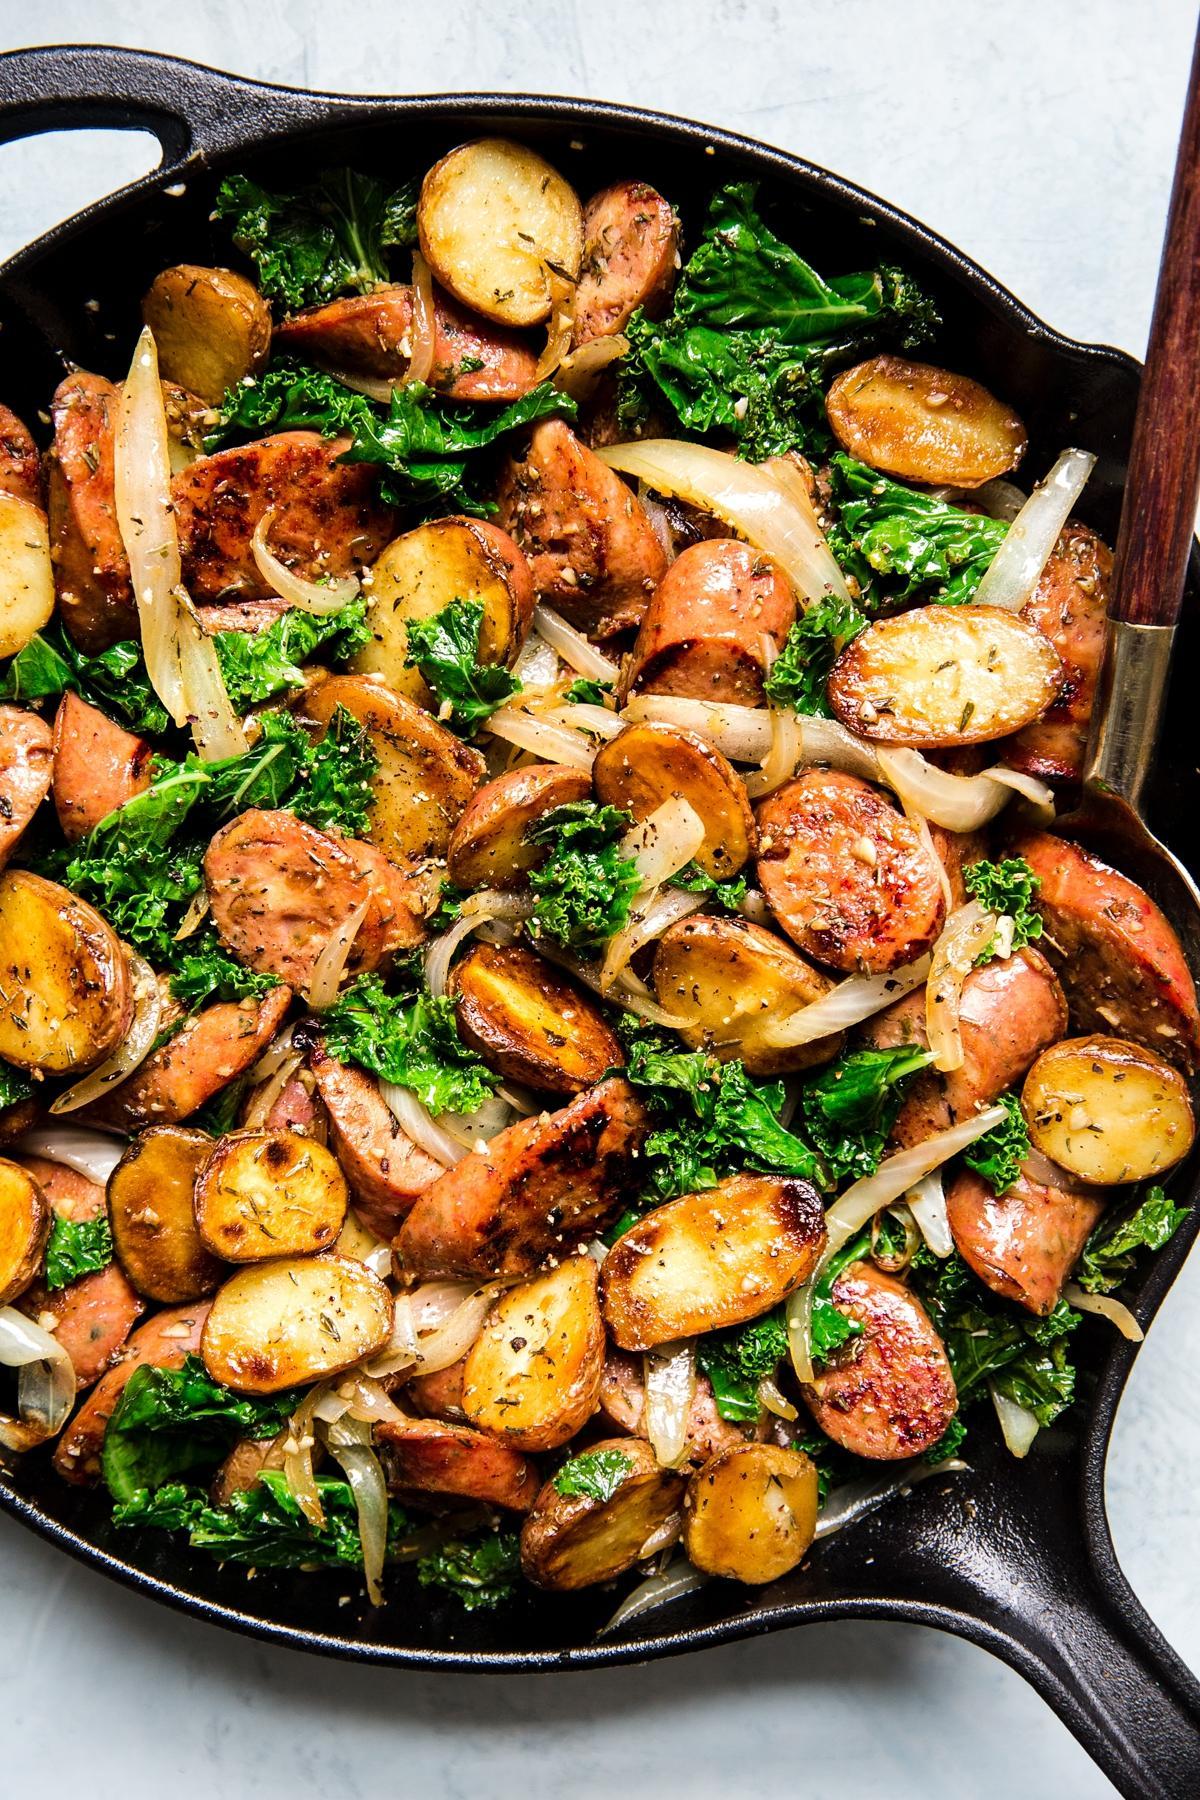 Spinach Sausage Stir Fry